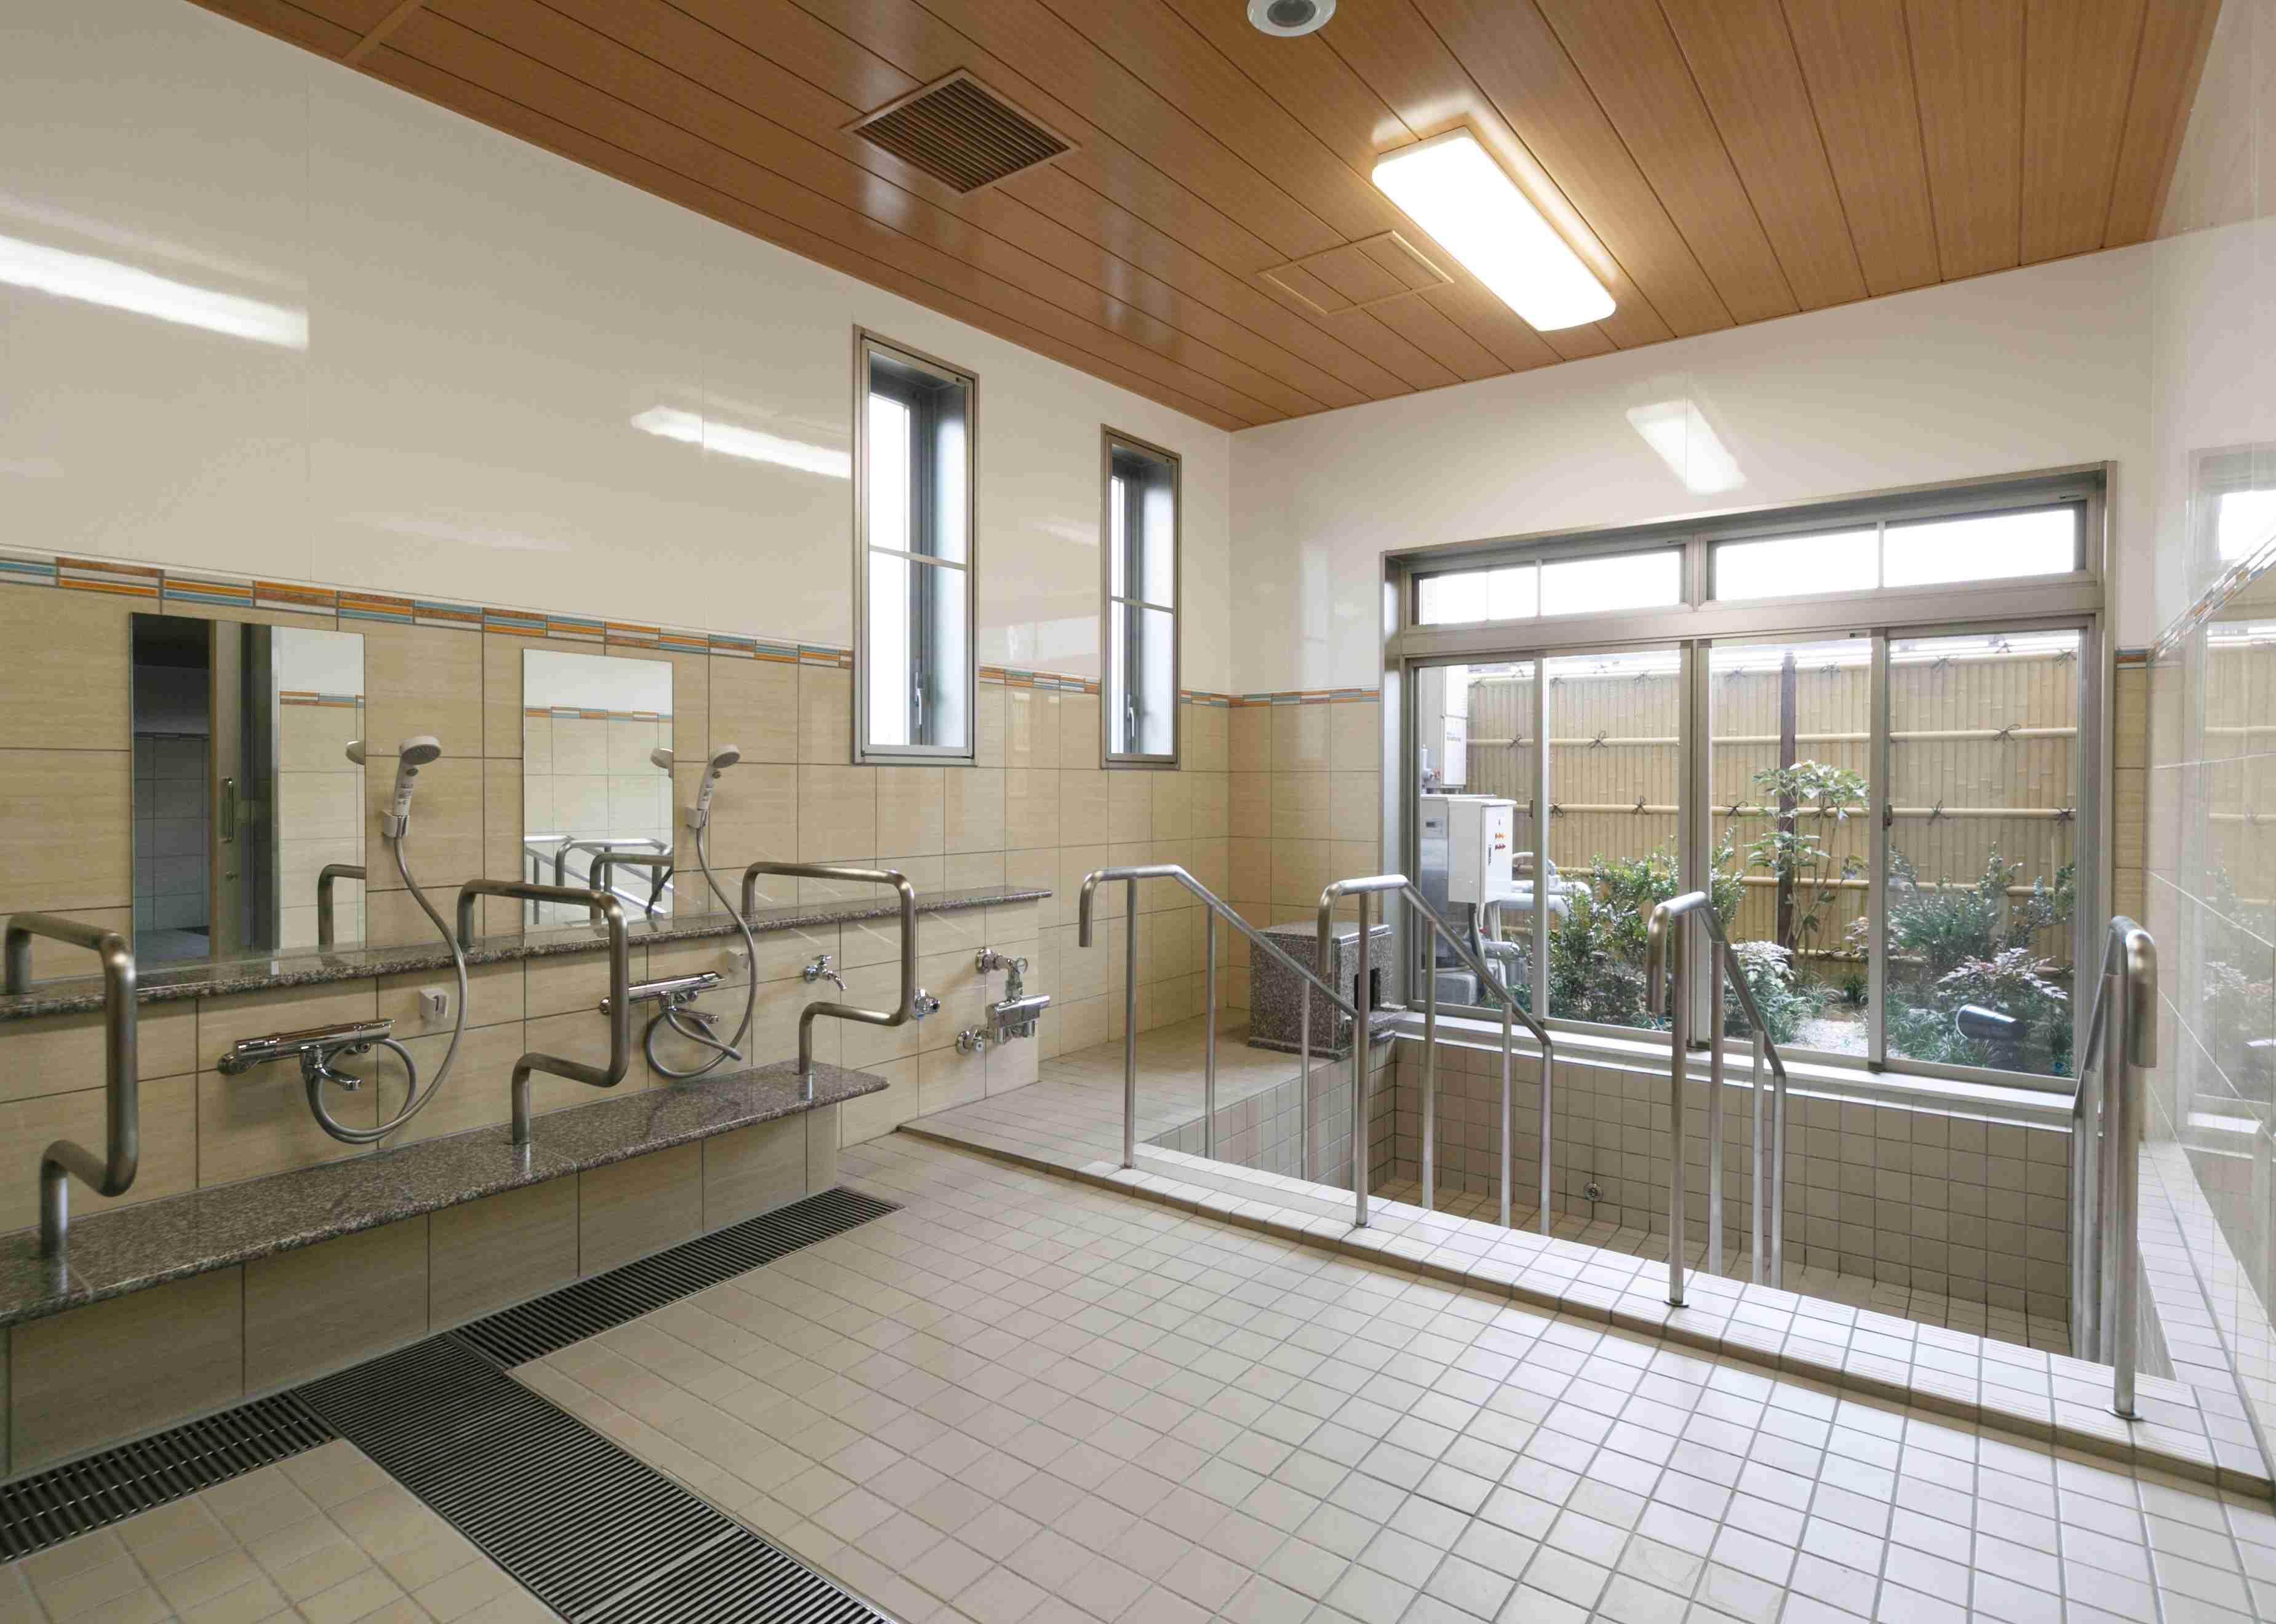 29_デイサービス一般浴室